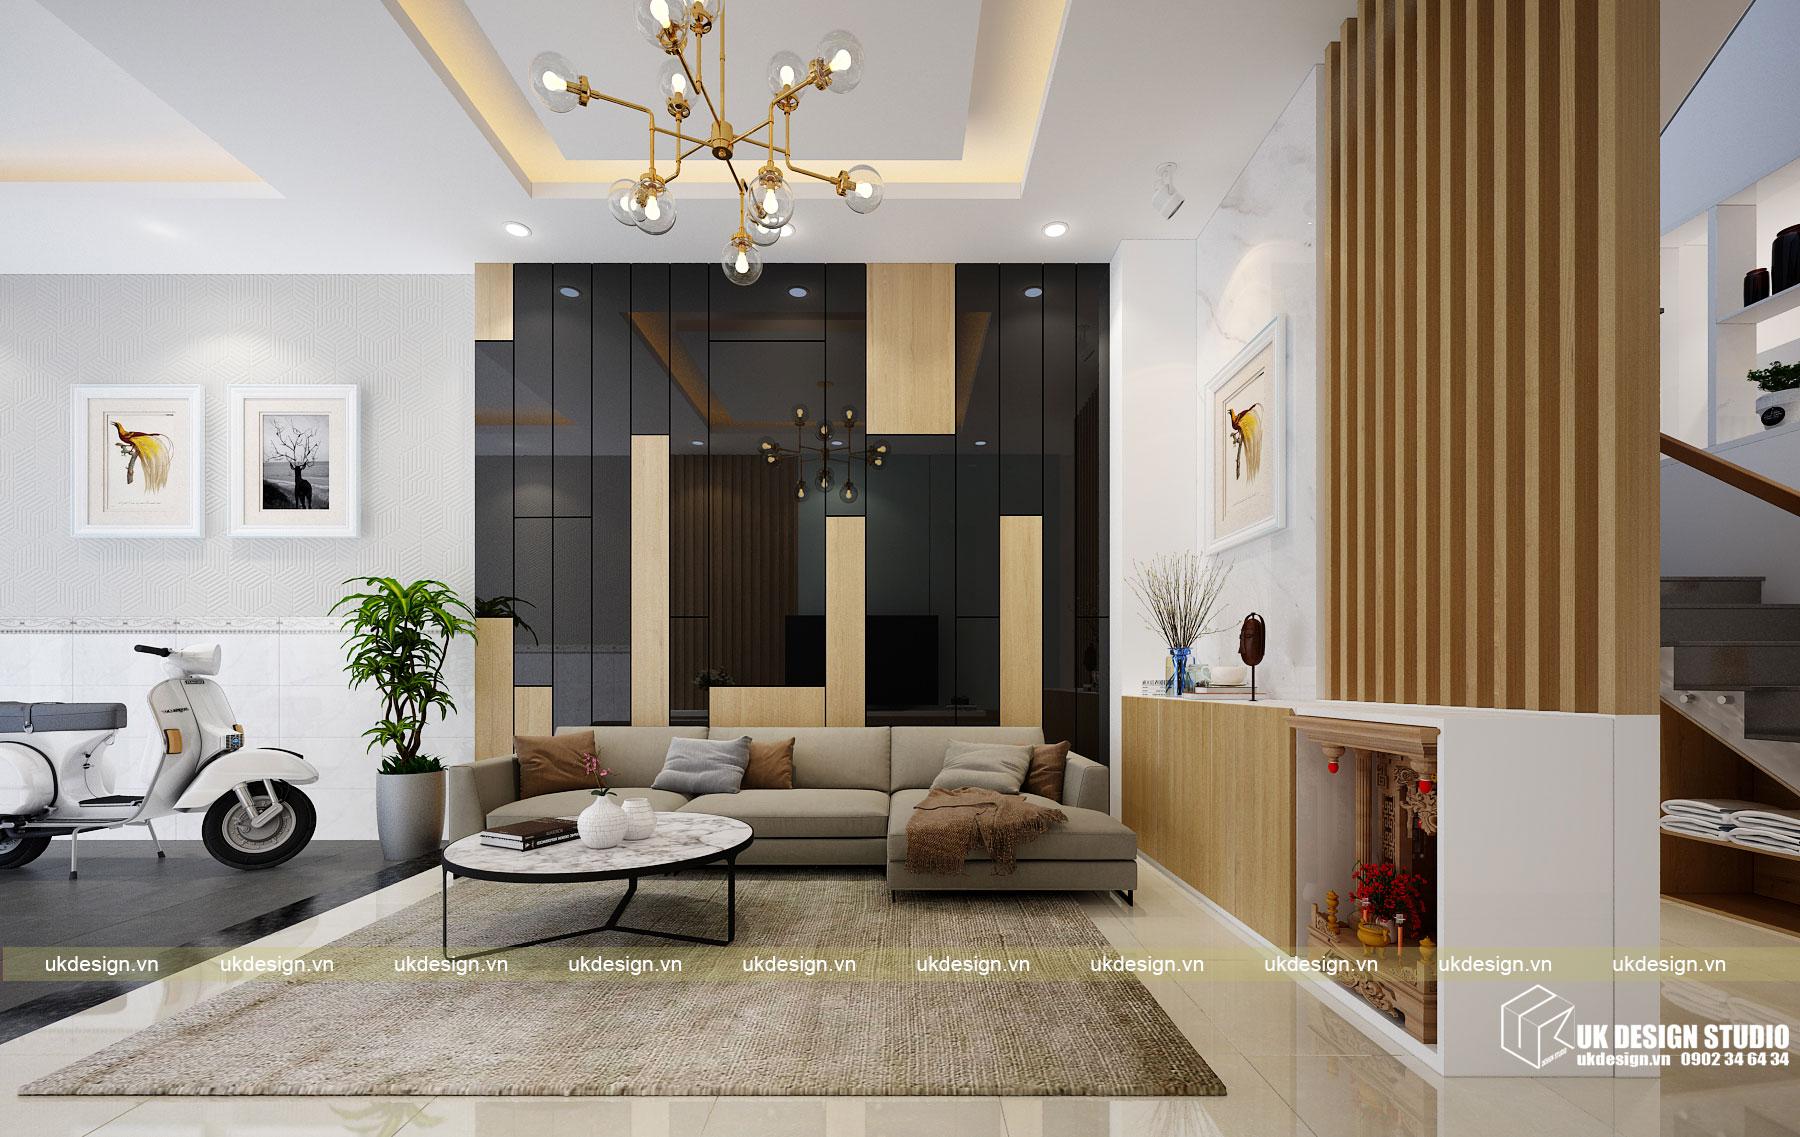 Thiết kế nội thất nhà phố 4m hiện đại